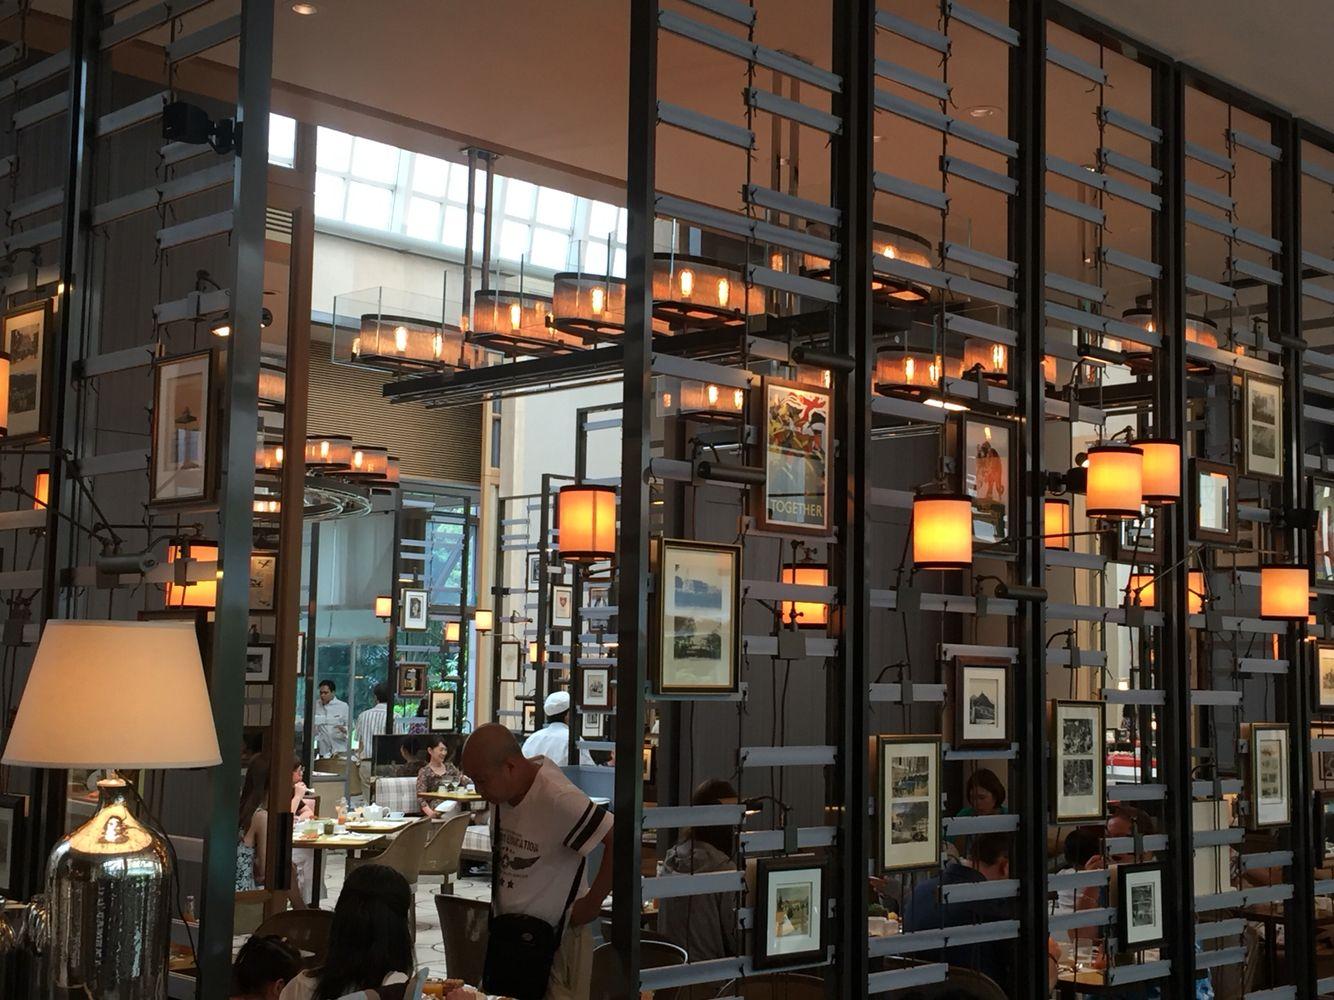 2458 best Restaurant / Bar images on Pinterest   Restaurant design ...